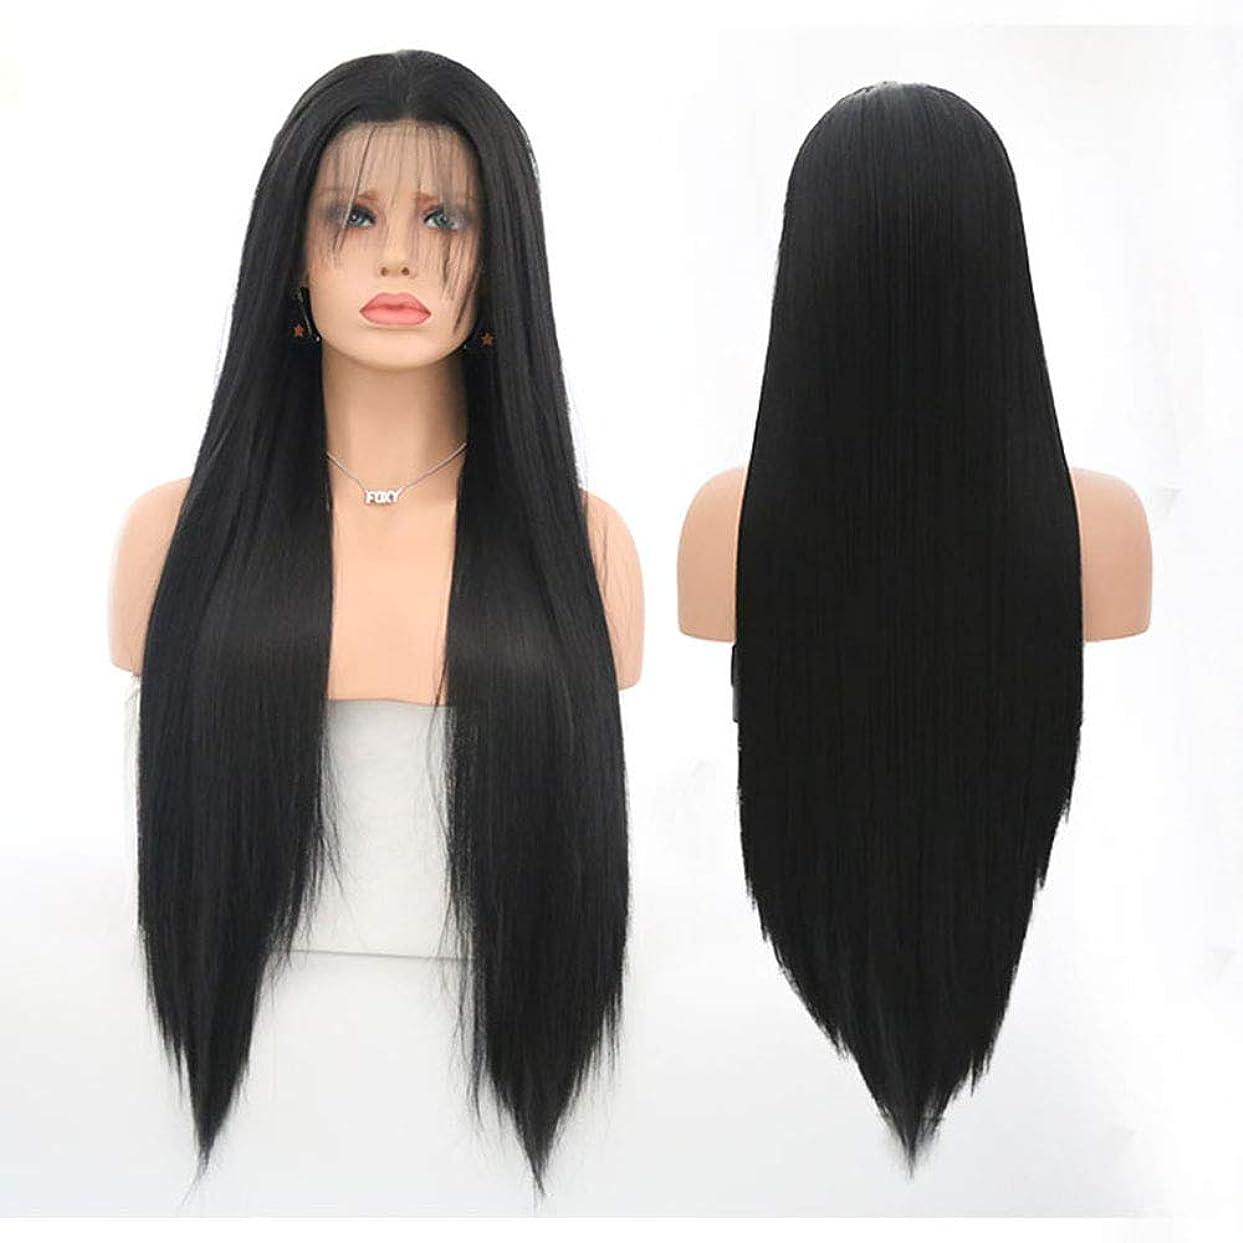 艦隊知覚するアイデア合成耐熱天然高品質かつらのための女性の長いストレートヘアウィッグ